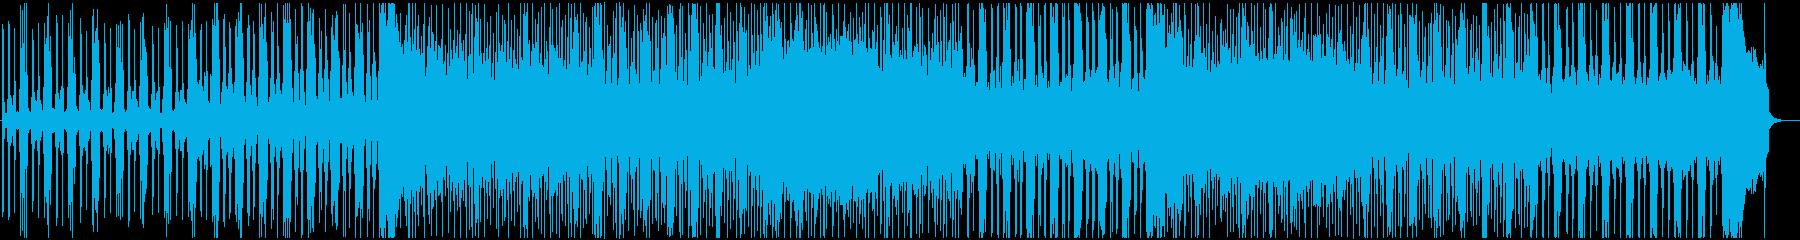 緊迫感のあるクラシカルなハードロックの再生済みの波形